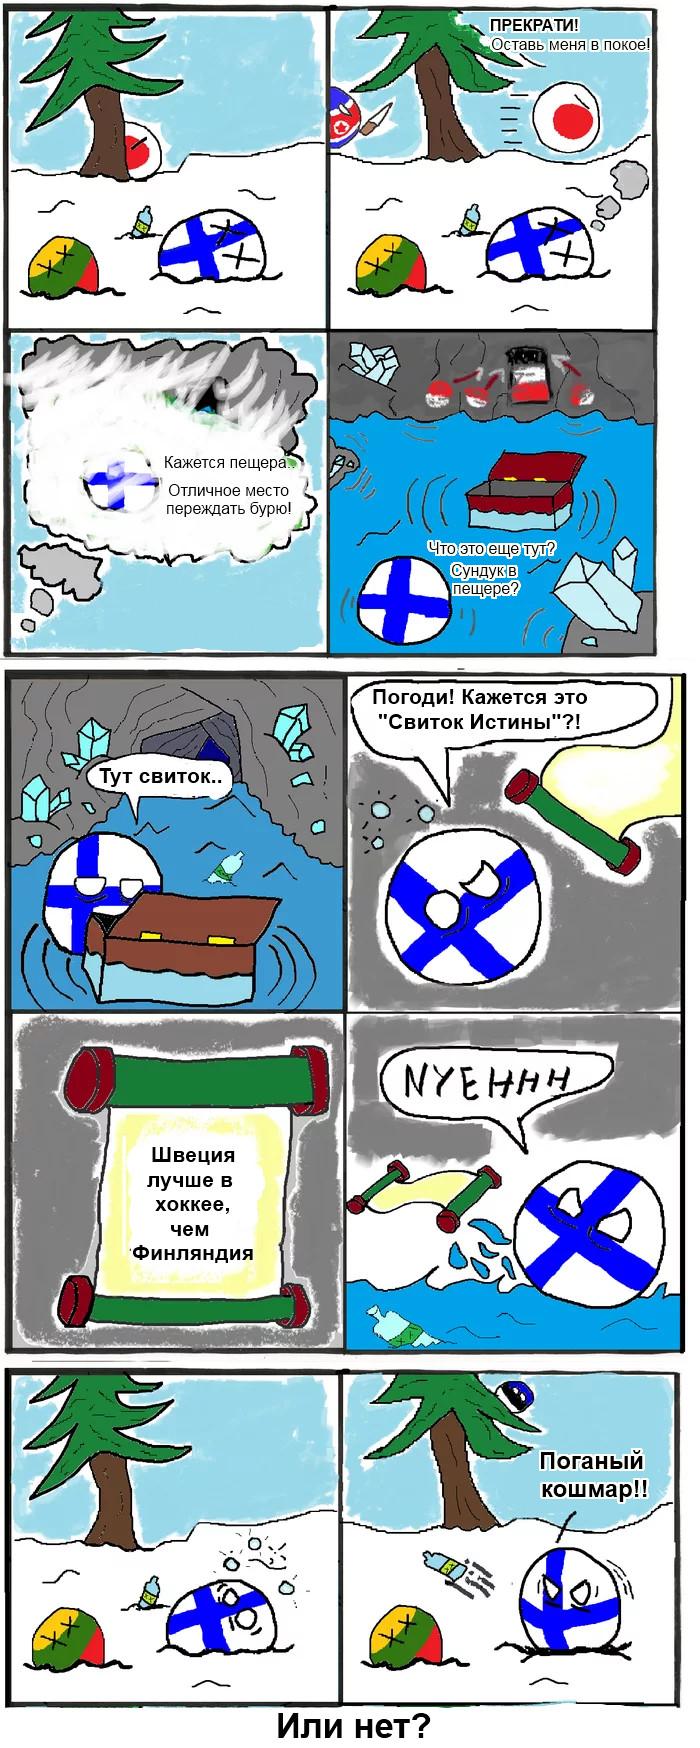 Финский кошмар countryballs, Швеция, Финляндия, хоккей, длиннопост